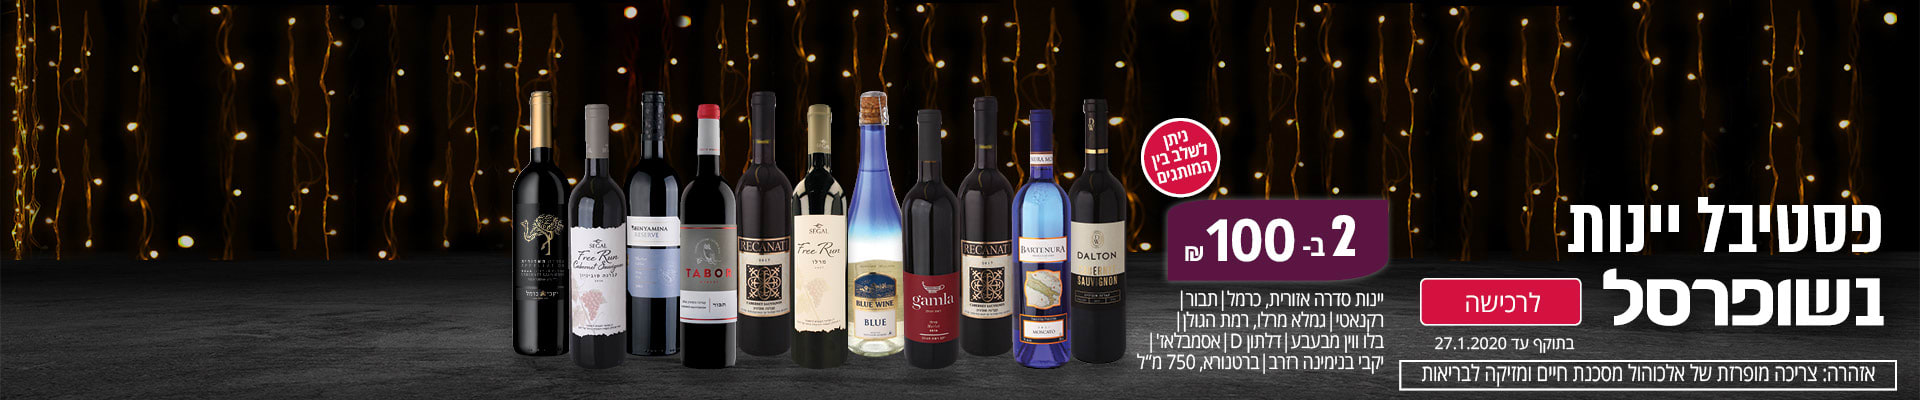 """פסטיבל יינות בשופרסל 2 ב- 100 ₪ ניתן לשלב בין מותגים: יינות סדרת אזורית כרמל/ תבור/ רקנאטי/רמת הגולן/ בלו ווין מבעבע/ דלתון D/ אסמבלאז'/ יקבי בנימינה/ ברטנורא, 750 מ""""ל. אזהרה: צריכה מופרזת של אלכוהול מסכנת חיים ומזיקה לבריאות. בתוקף עד 27.1.20."""